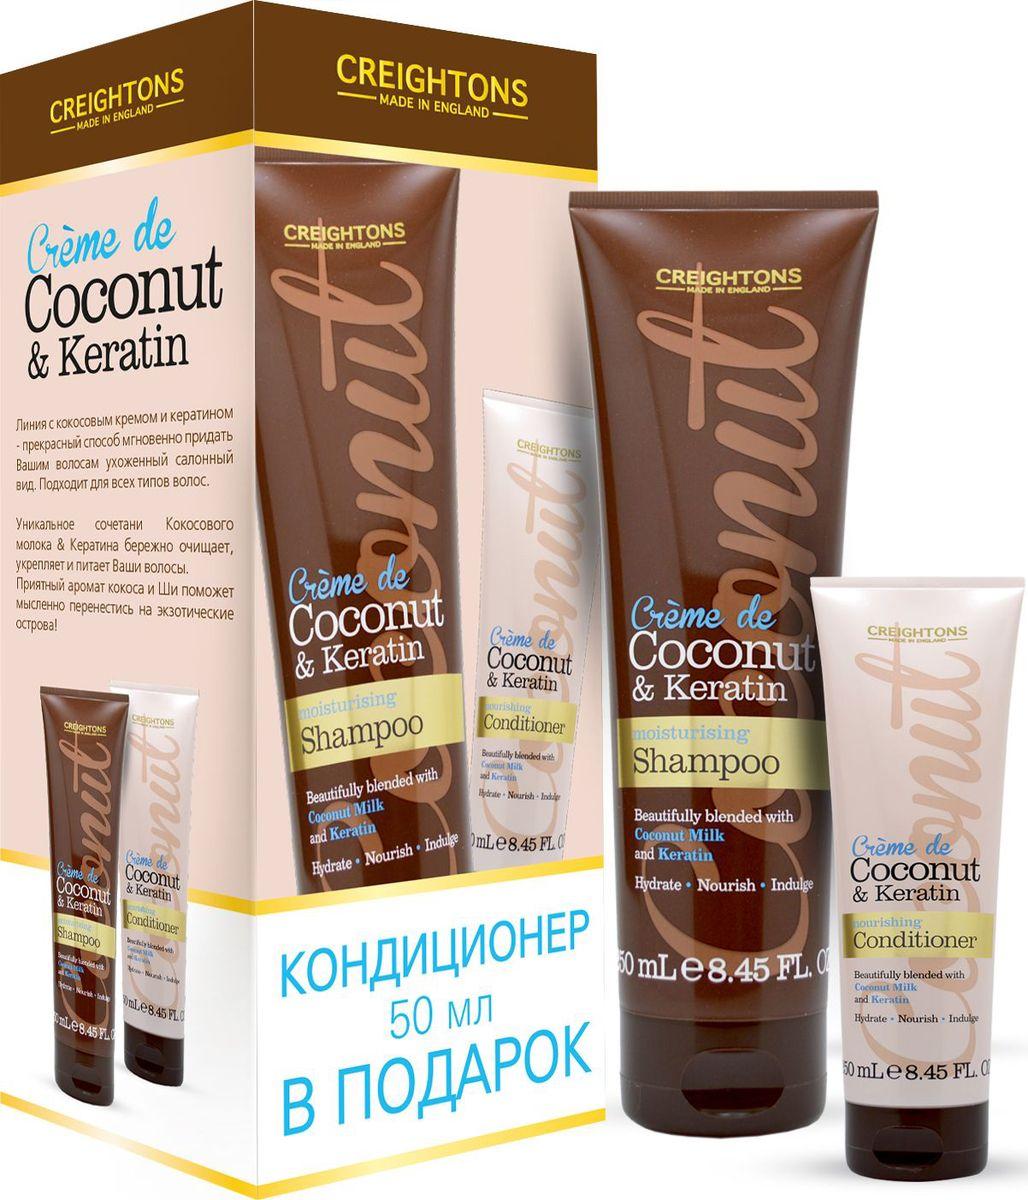 Greightons Набор Увлажнение и питание волос, 300 млPN5607Питательный шампунь и кондиционер с кокосовым маслом обогащен экстрактом лепестков гардений Таити и кокосовым маслом, способствует увлажнению и укреплению волос. Шампунь мягко очищает, делая даже самые безжизненные локоны блестящими и живыми. Кондиционер помогает защитить волосы от повреждений, смягчая и укрепляя их. Подходит для всех типов волос.